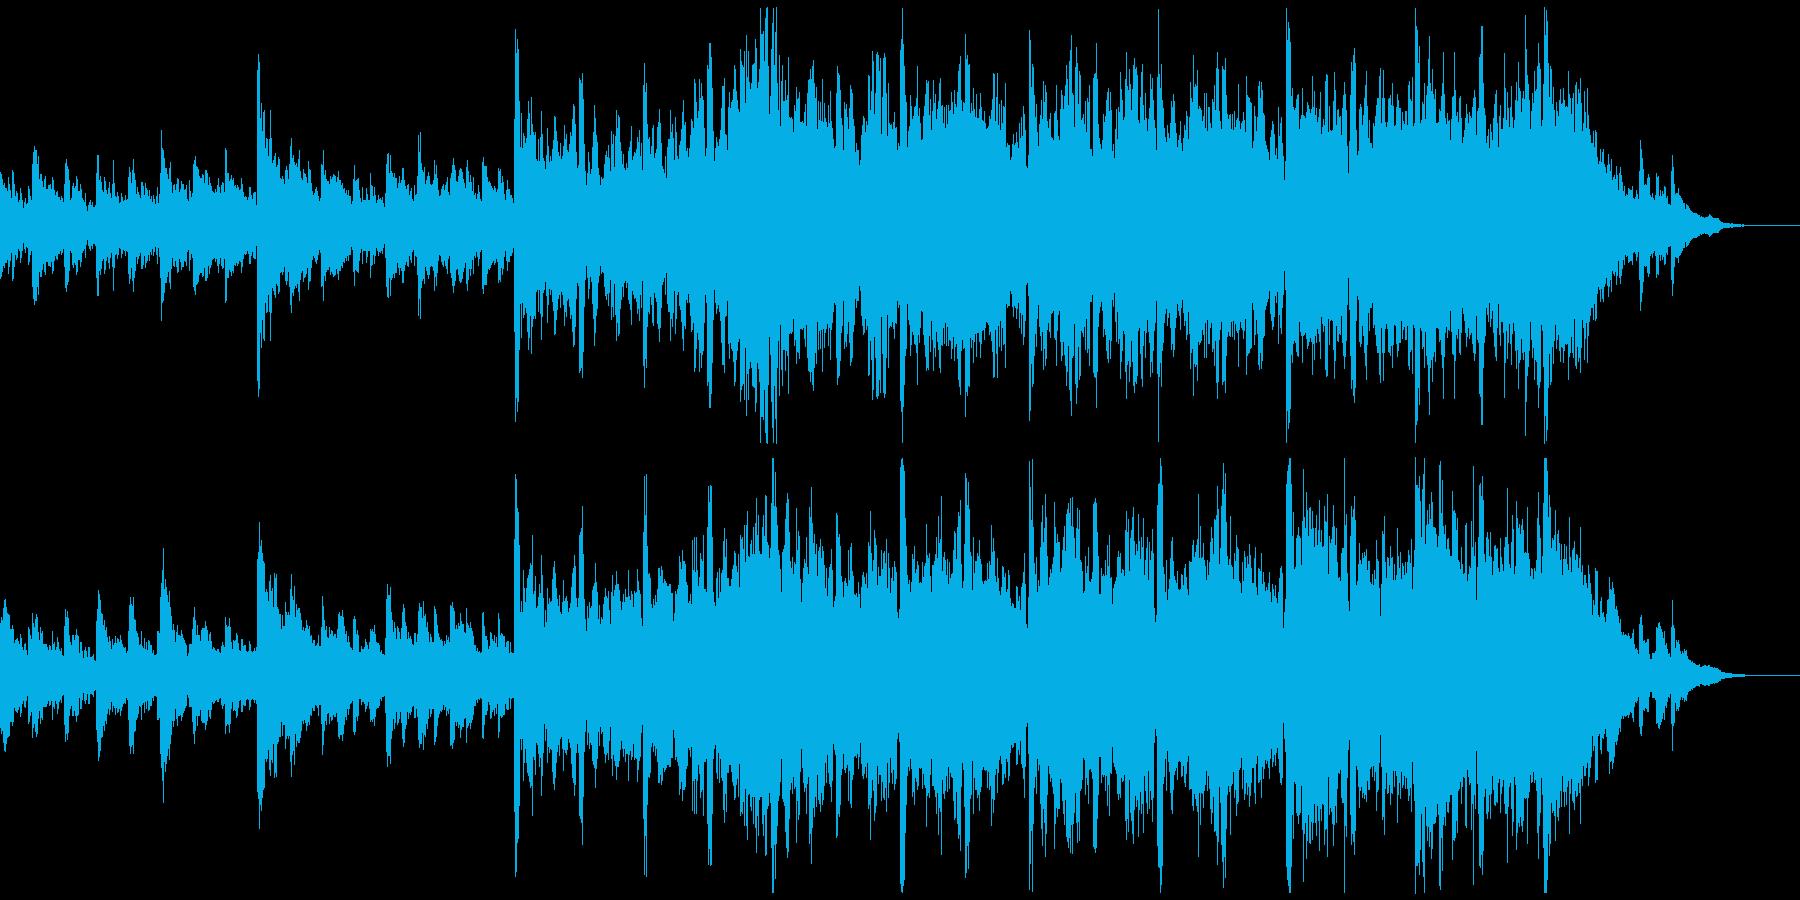 壮大でファンタジックなオーケストラ曲の再生済みの波形